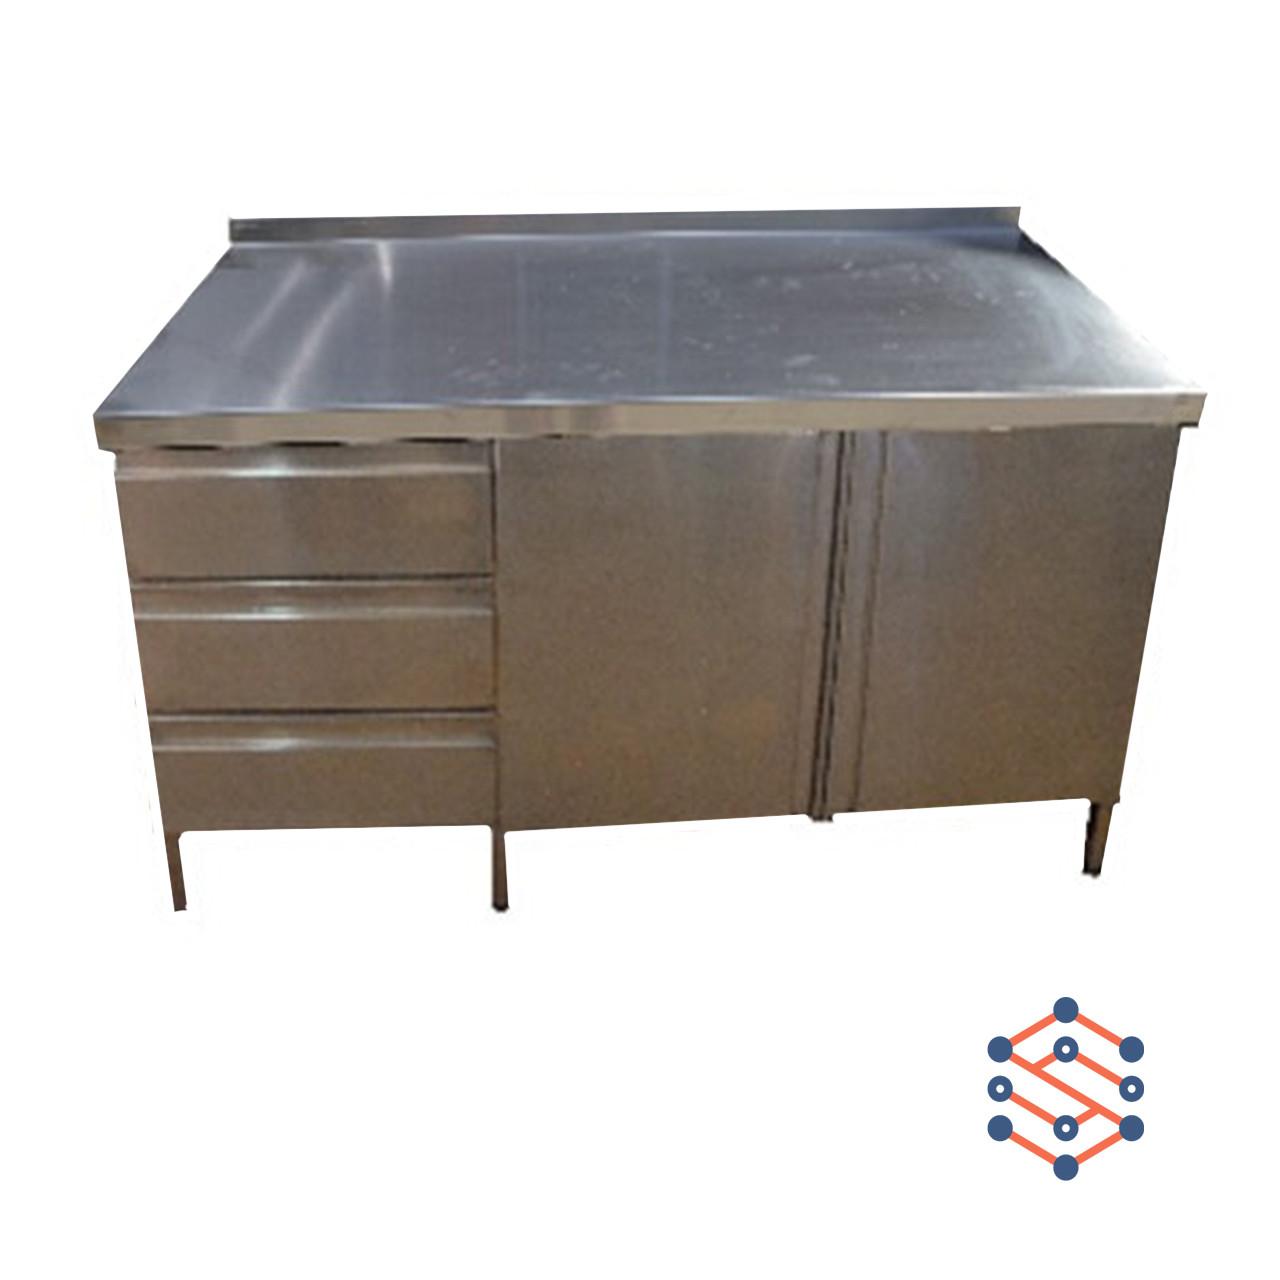 Стол производственный с полуобъемным бортом распашными дверями 2шт, с 3мя ящиками (1600*700*850)